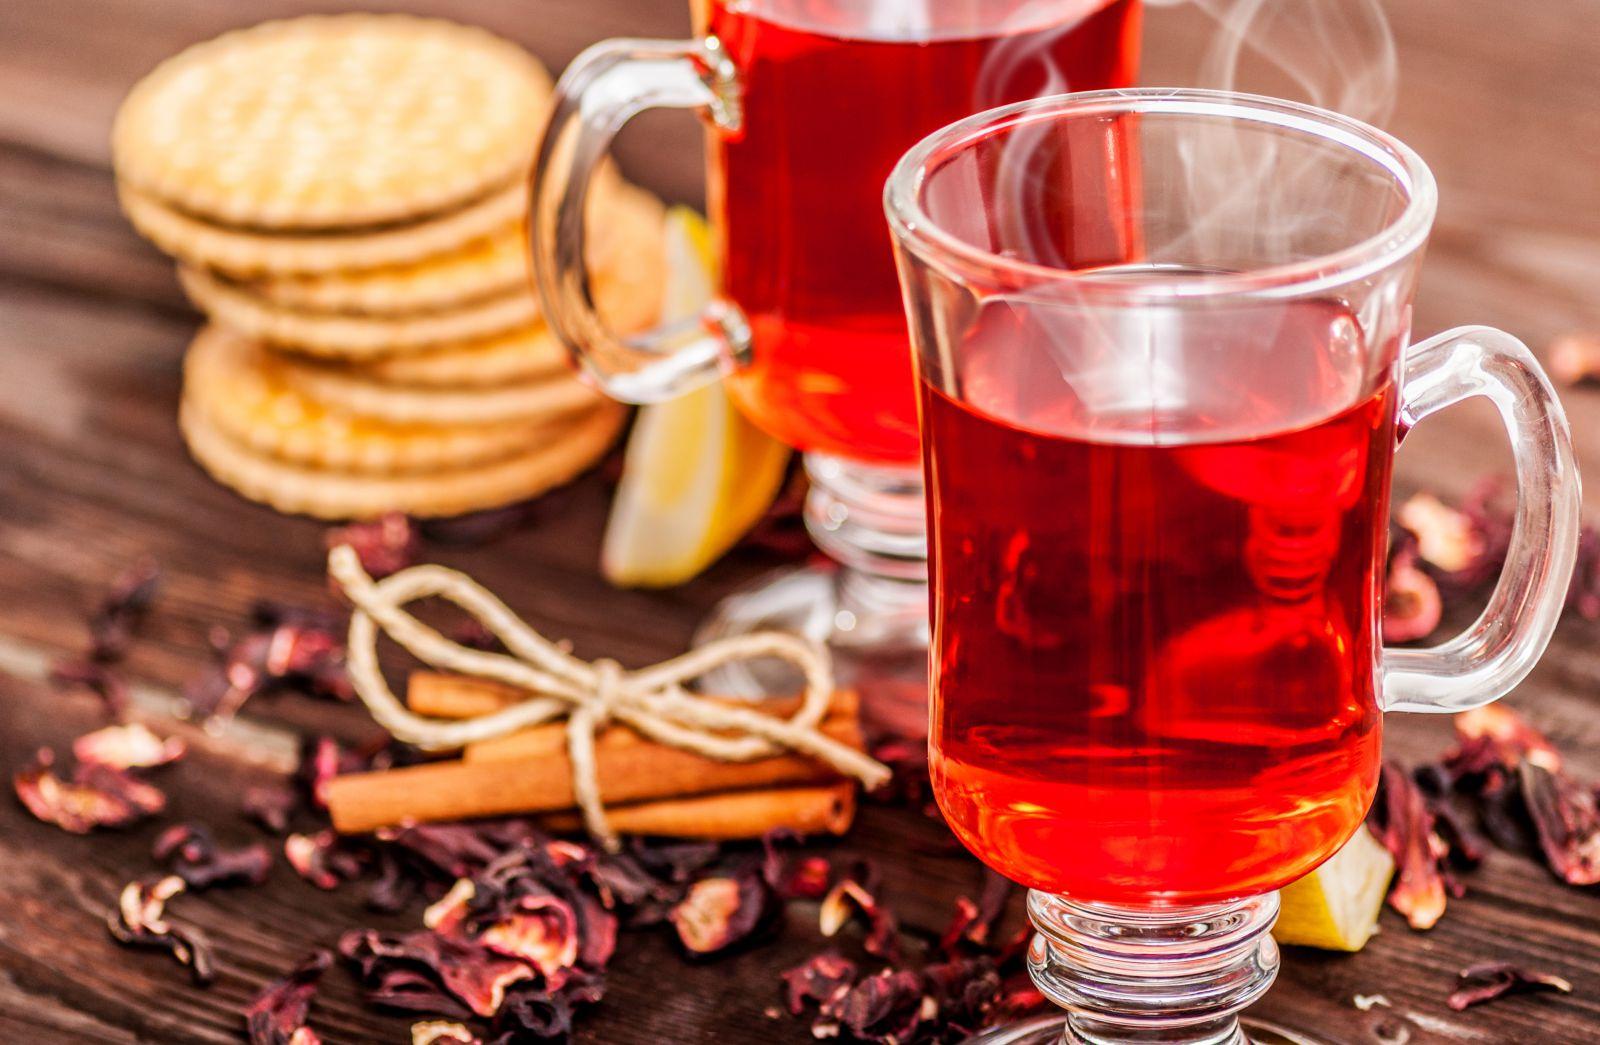 Как Заварить Чай Каркаде Для Снижения Давления - разбор вопроса